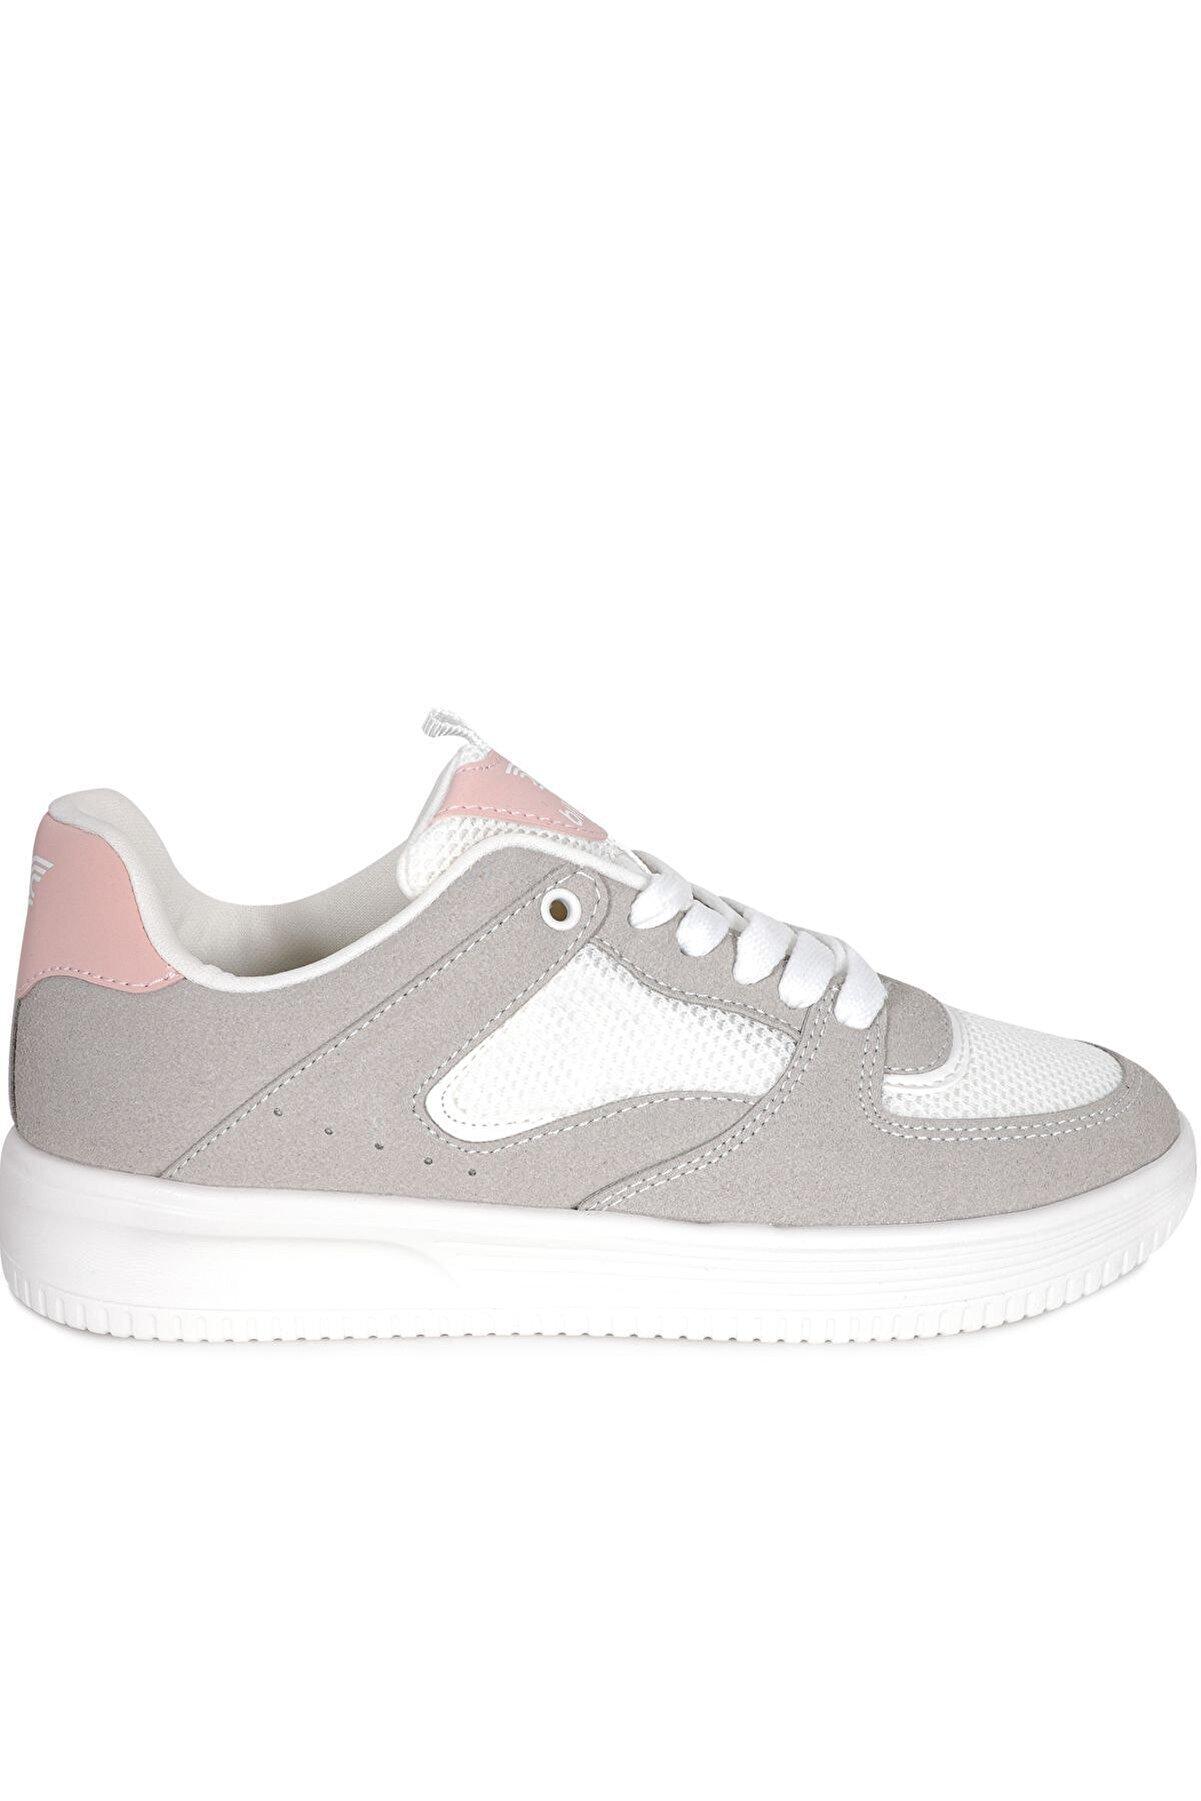 bilcee Beyaz Essential Two Kadın Spor Ayakkabı 2005